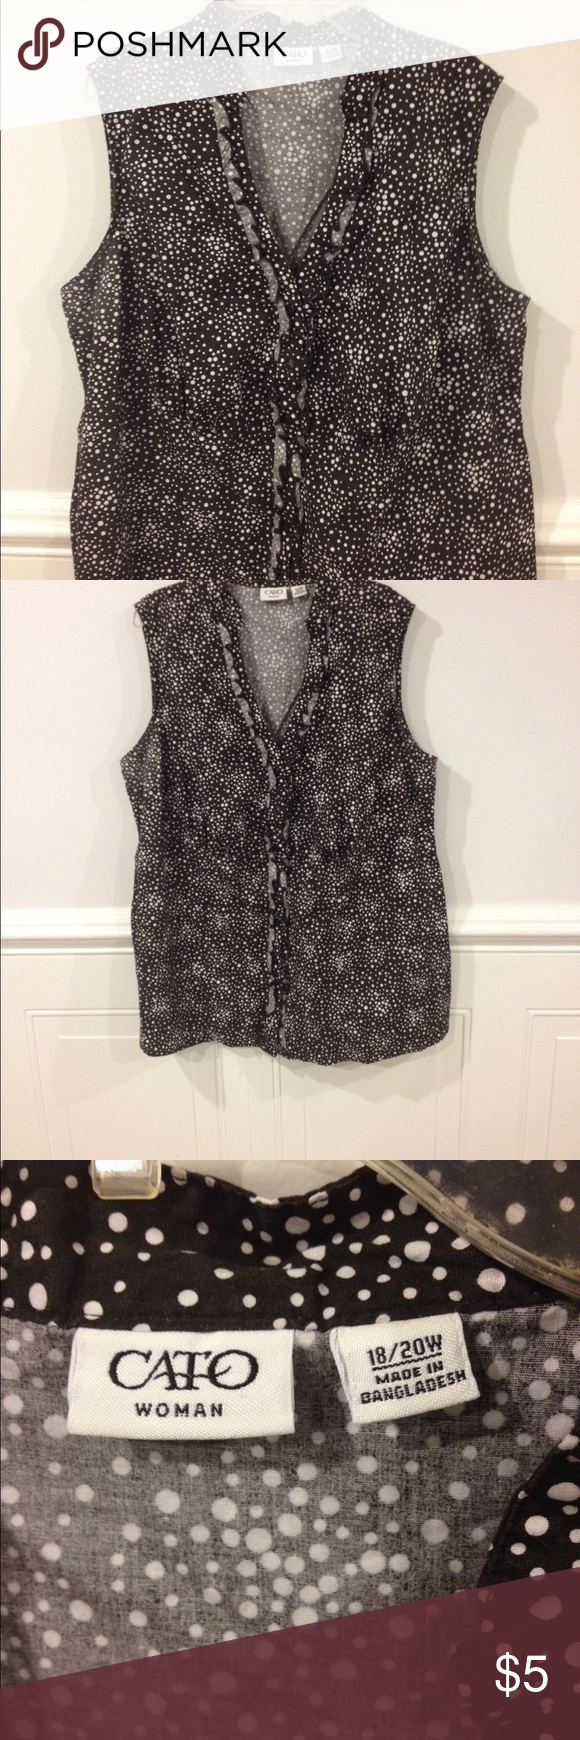 18-20W Cato blouse good condition Size 18-20W Cato blouse good condition Cato Tops Blouses